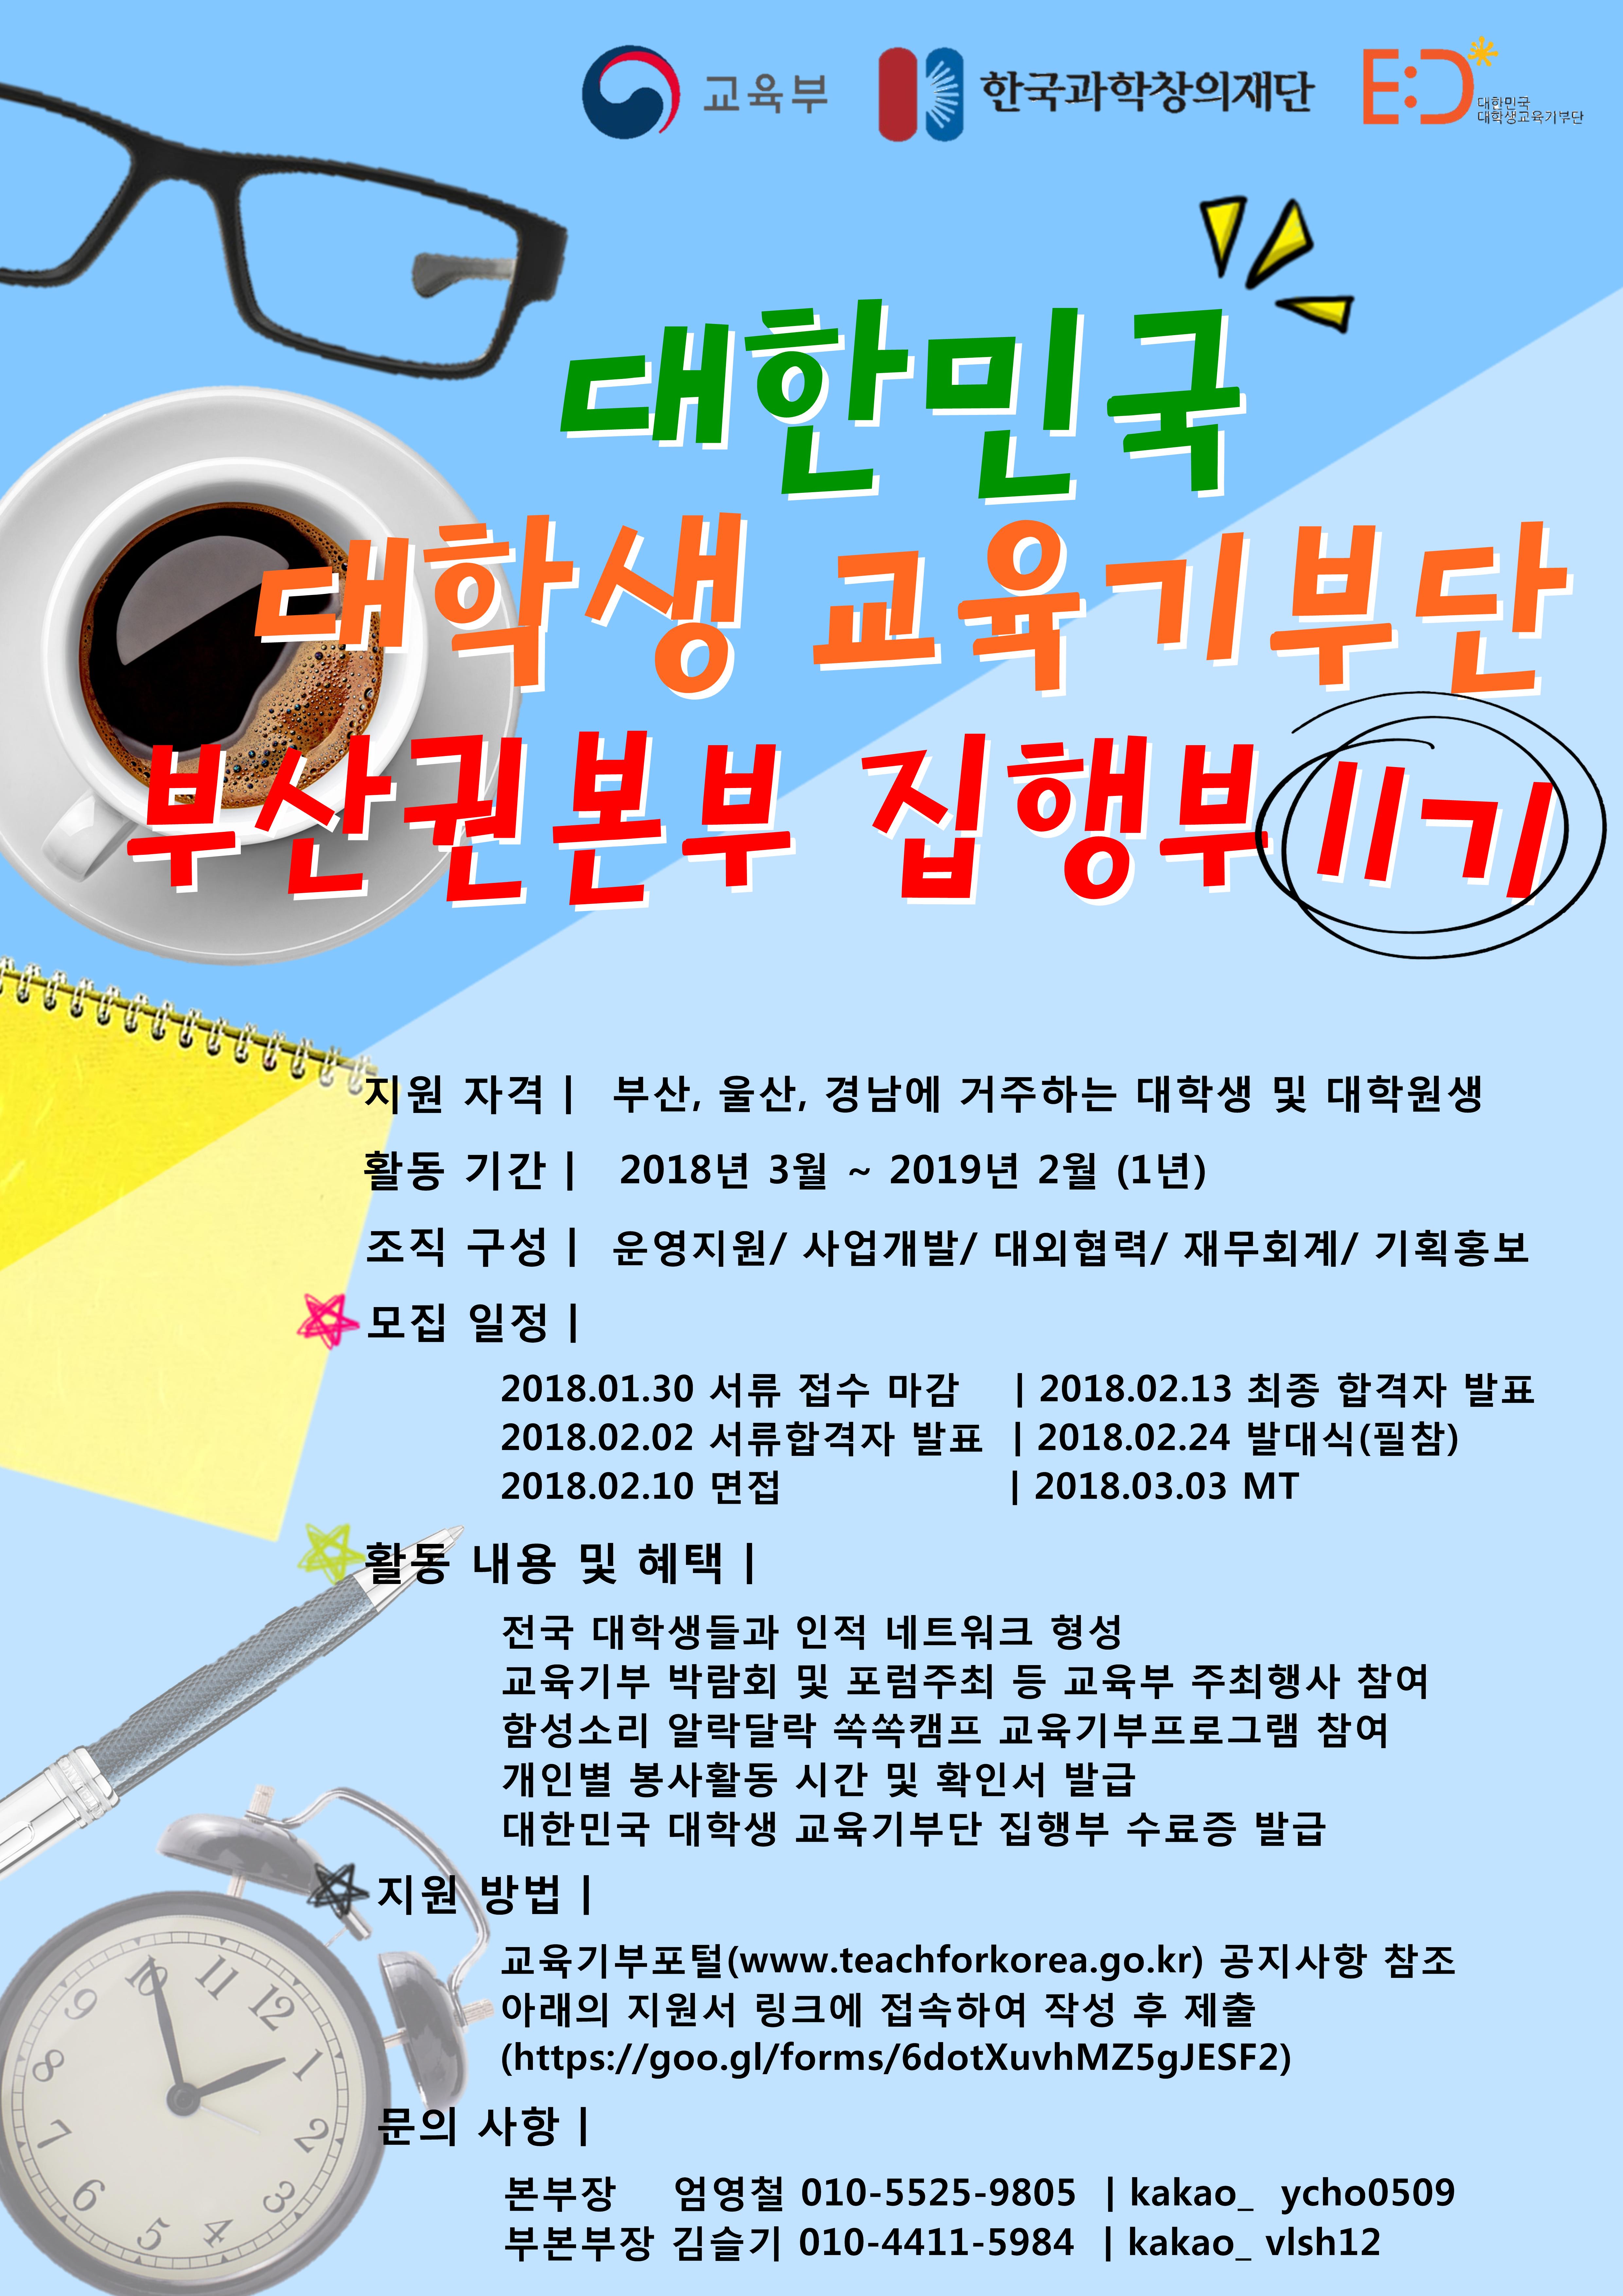 [대한민국 대학생 교육기부단 부산권본부] 집행부 모집